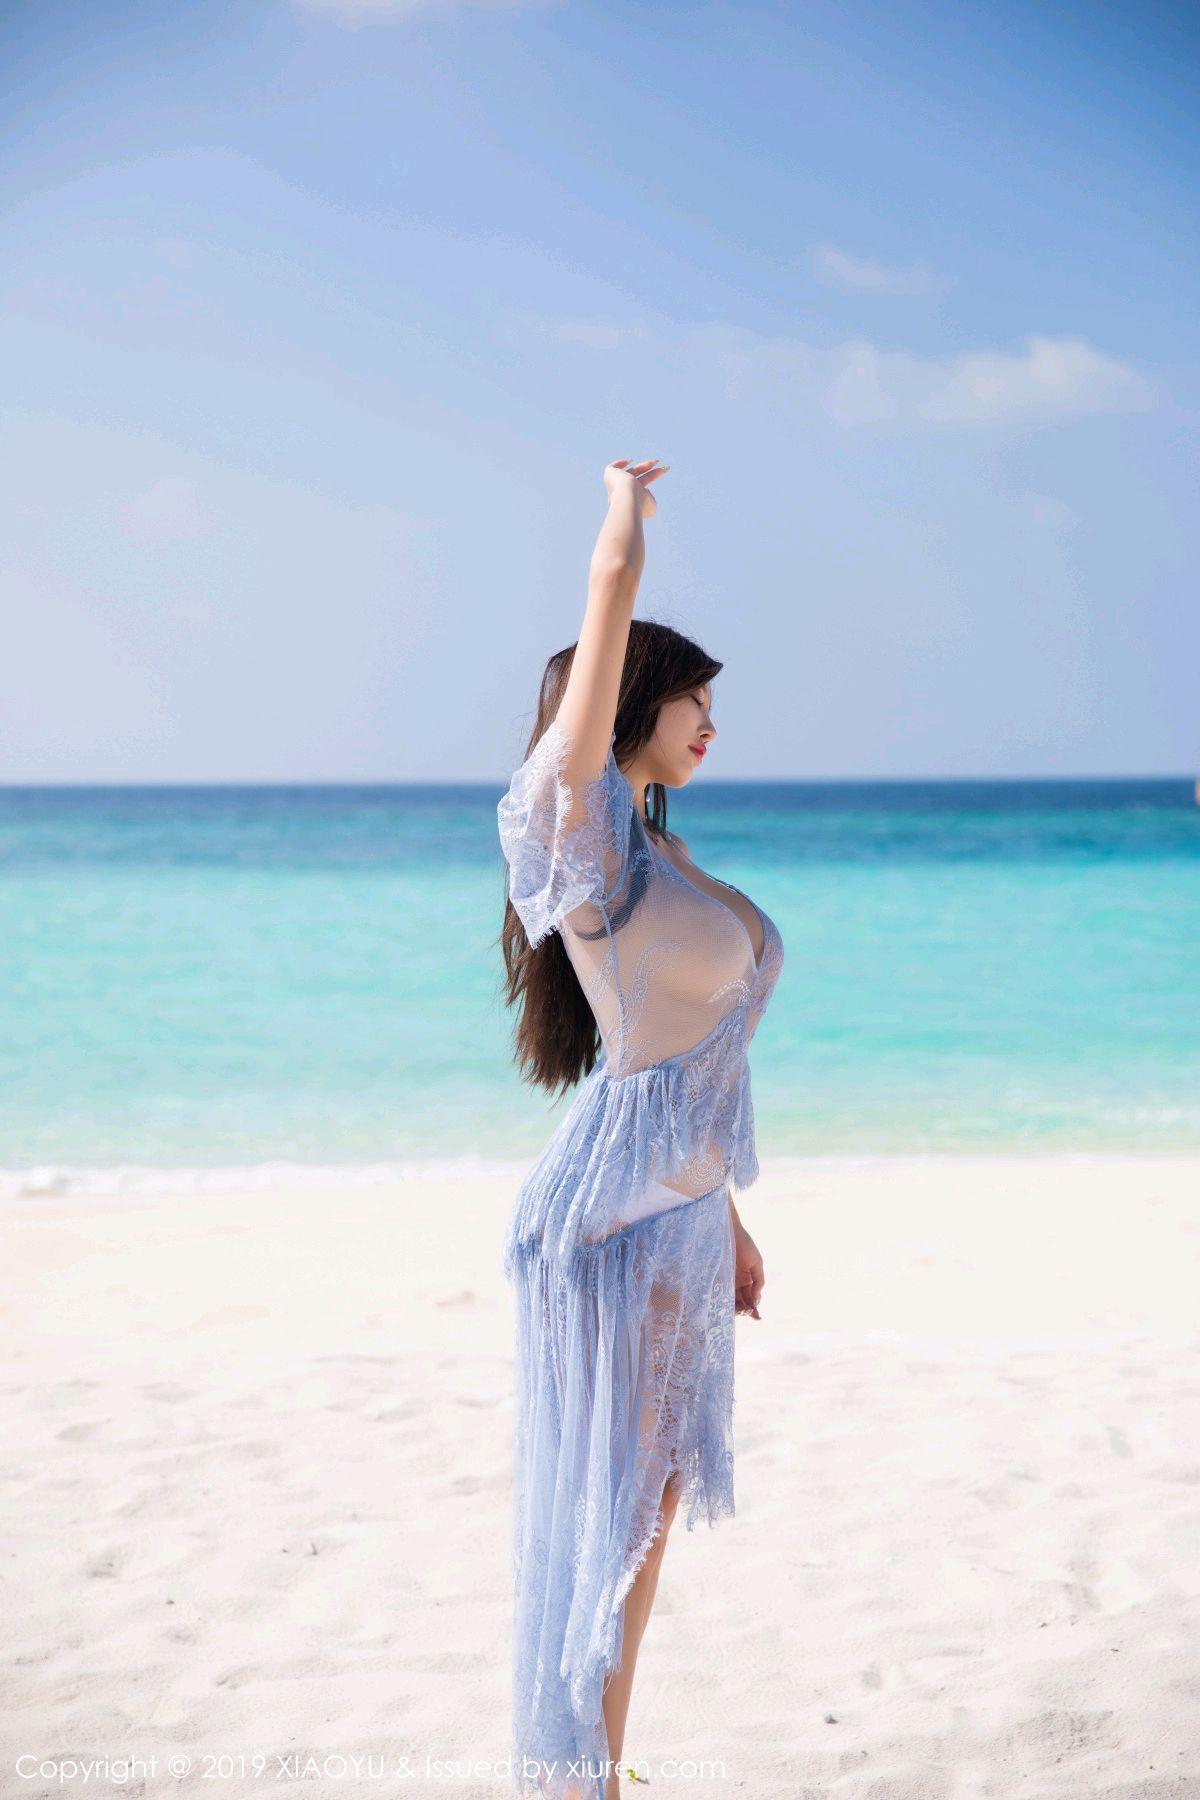 [XiaoYu] Vol.067 Yang Chen Chen 50P, Beach, Underwear, XiaoYu, Yang Chen Chen